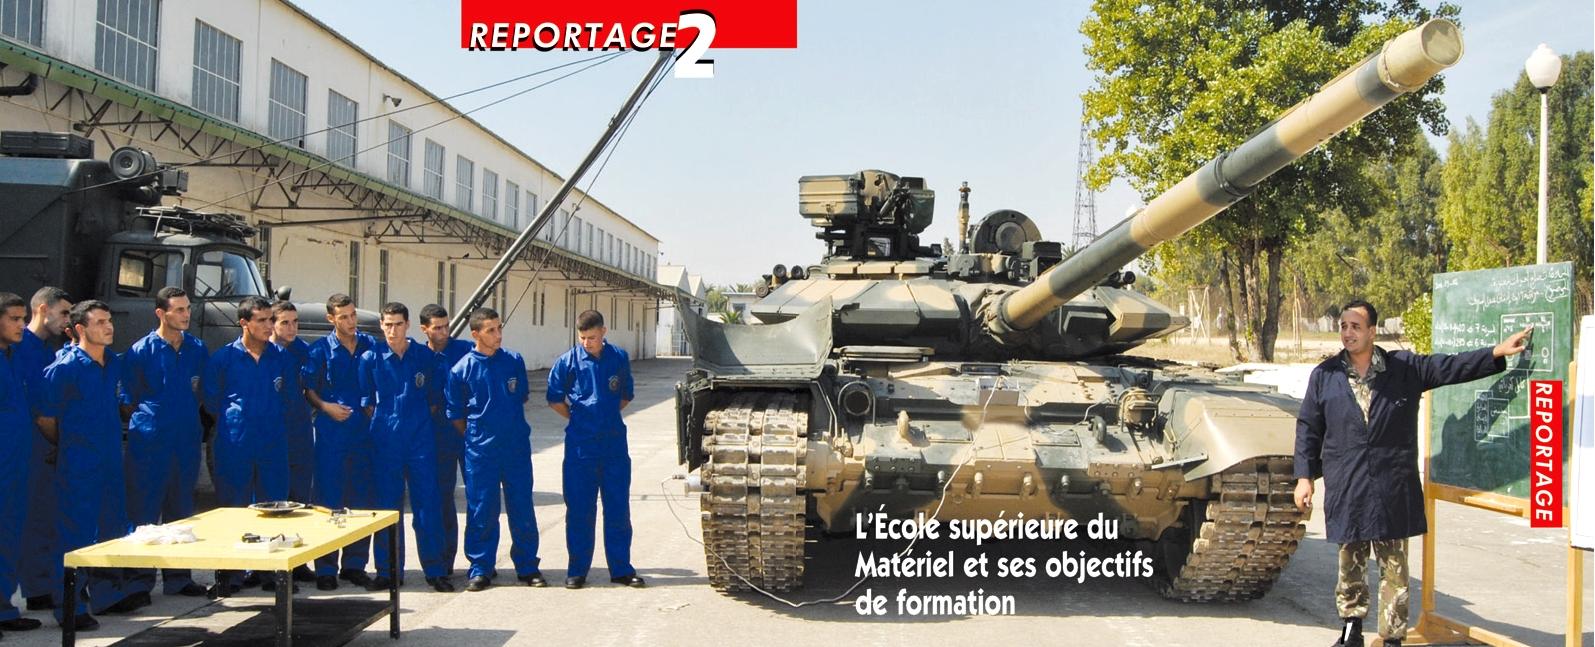 بخصوص الدبابات الجزائرية 653477t90sa